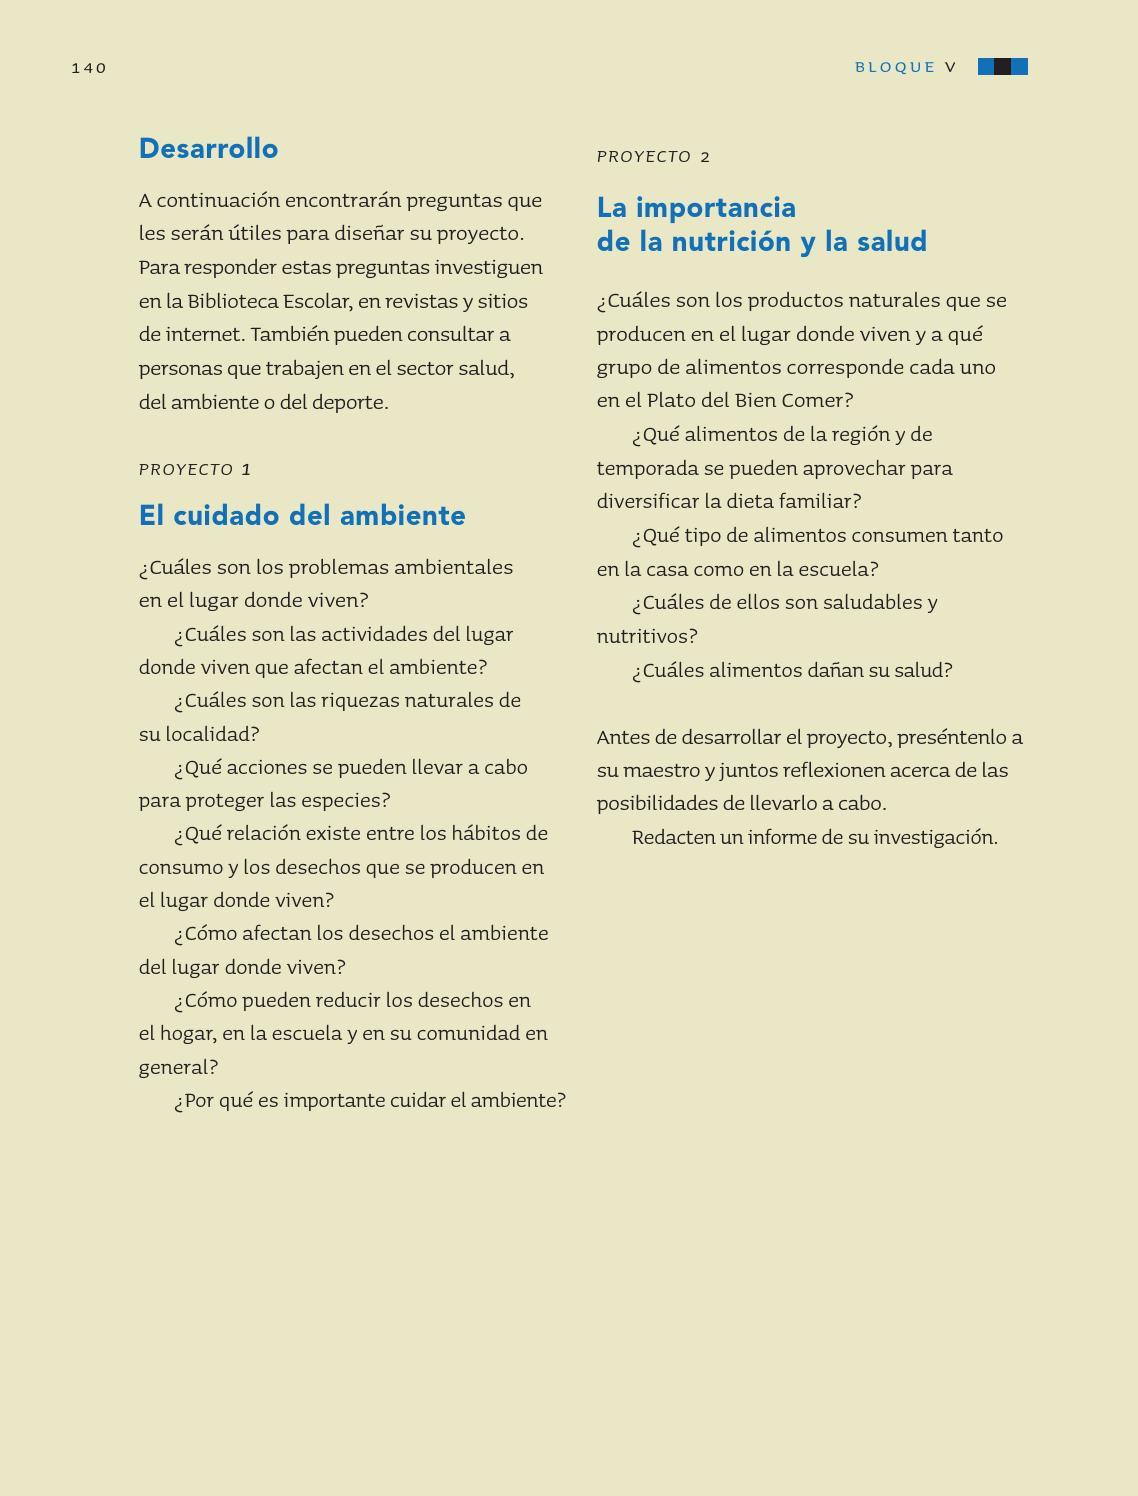 La importancia de la nutrición y la salud - Ciencias Naturales 3ro 2014-2015